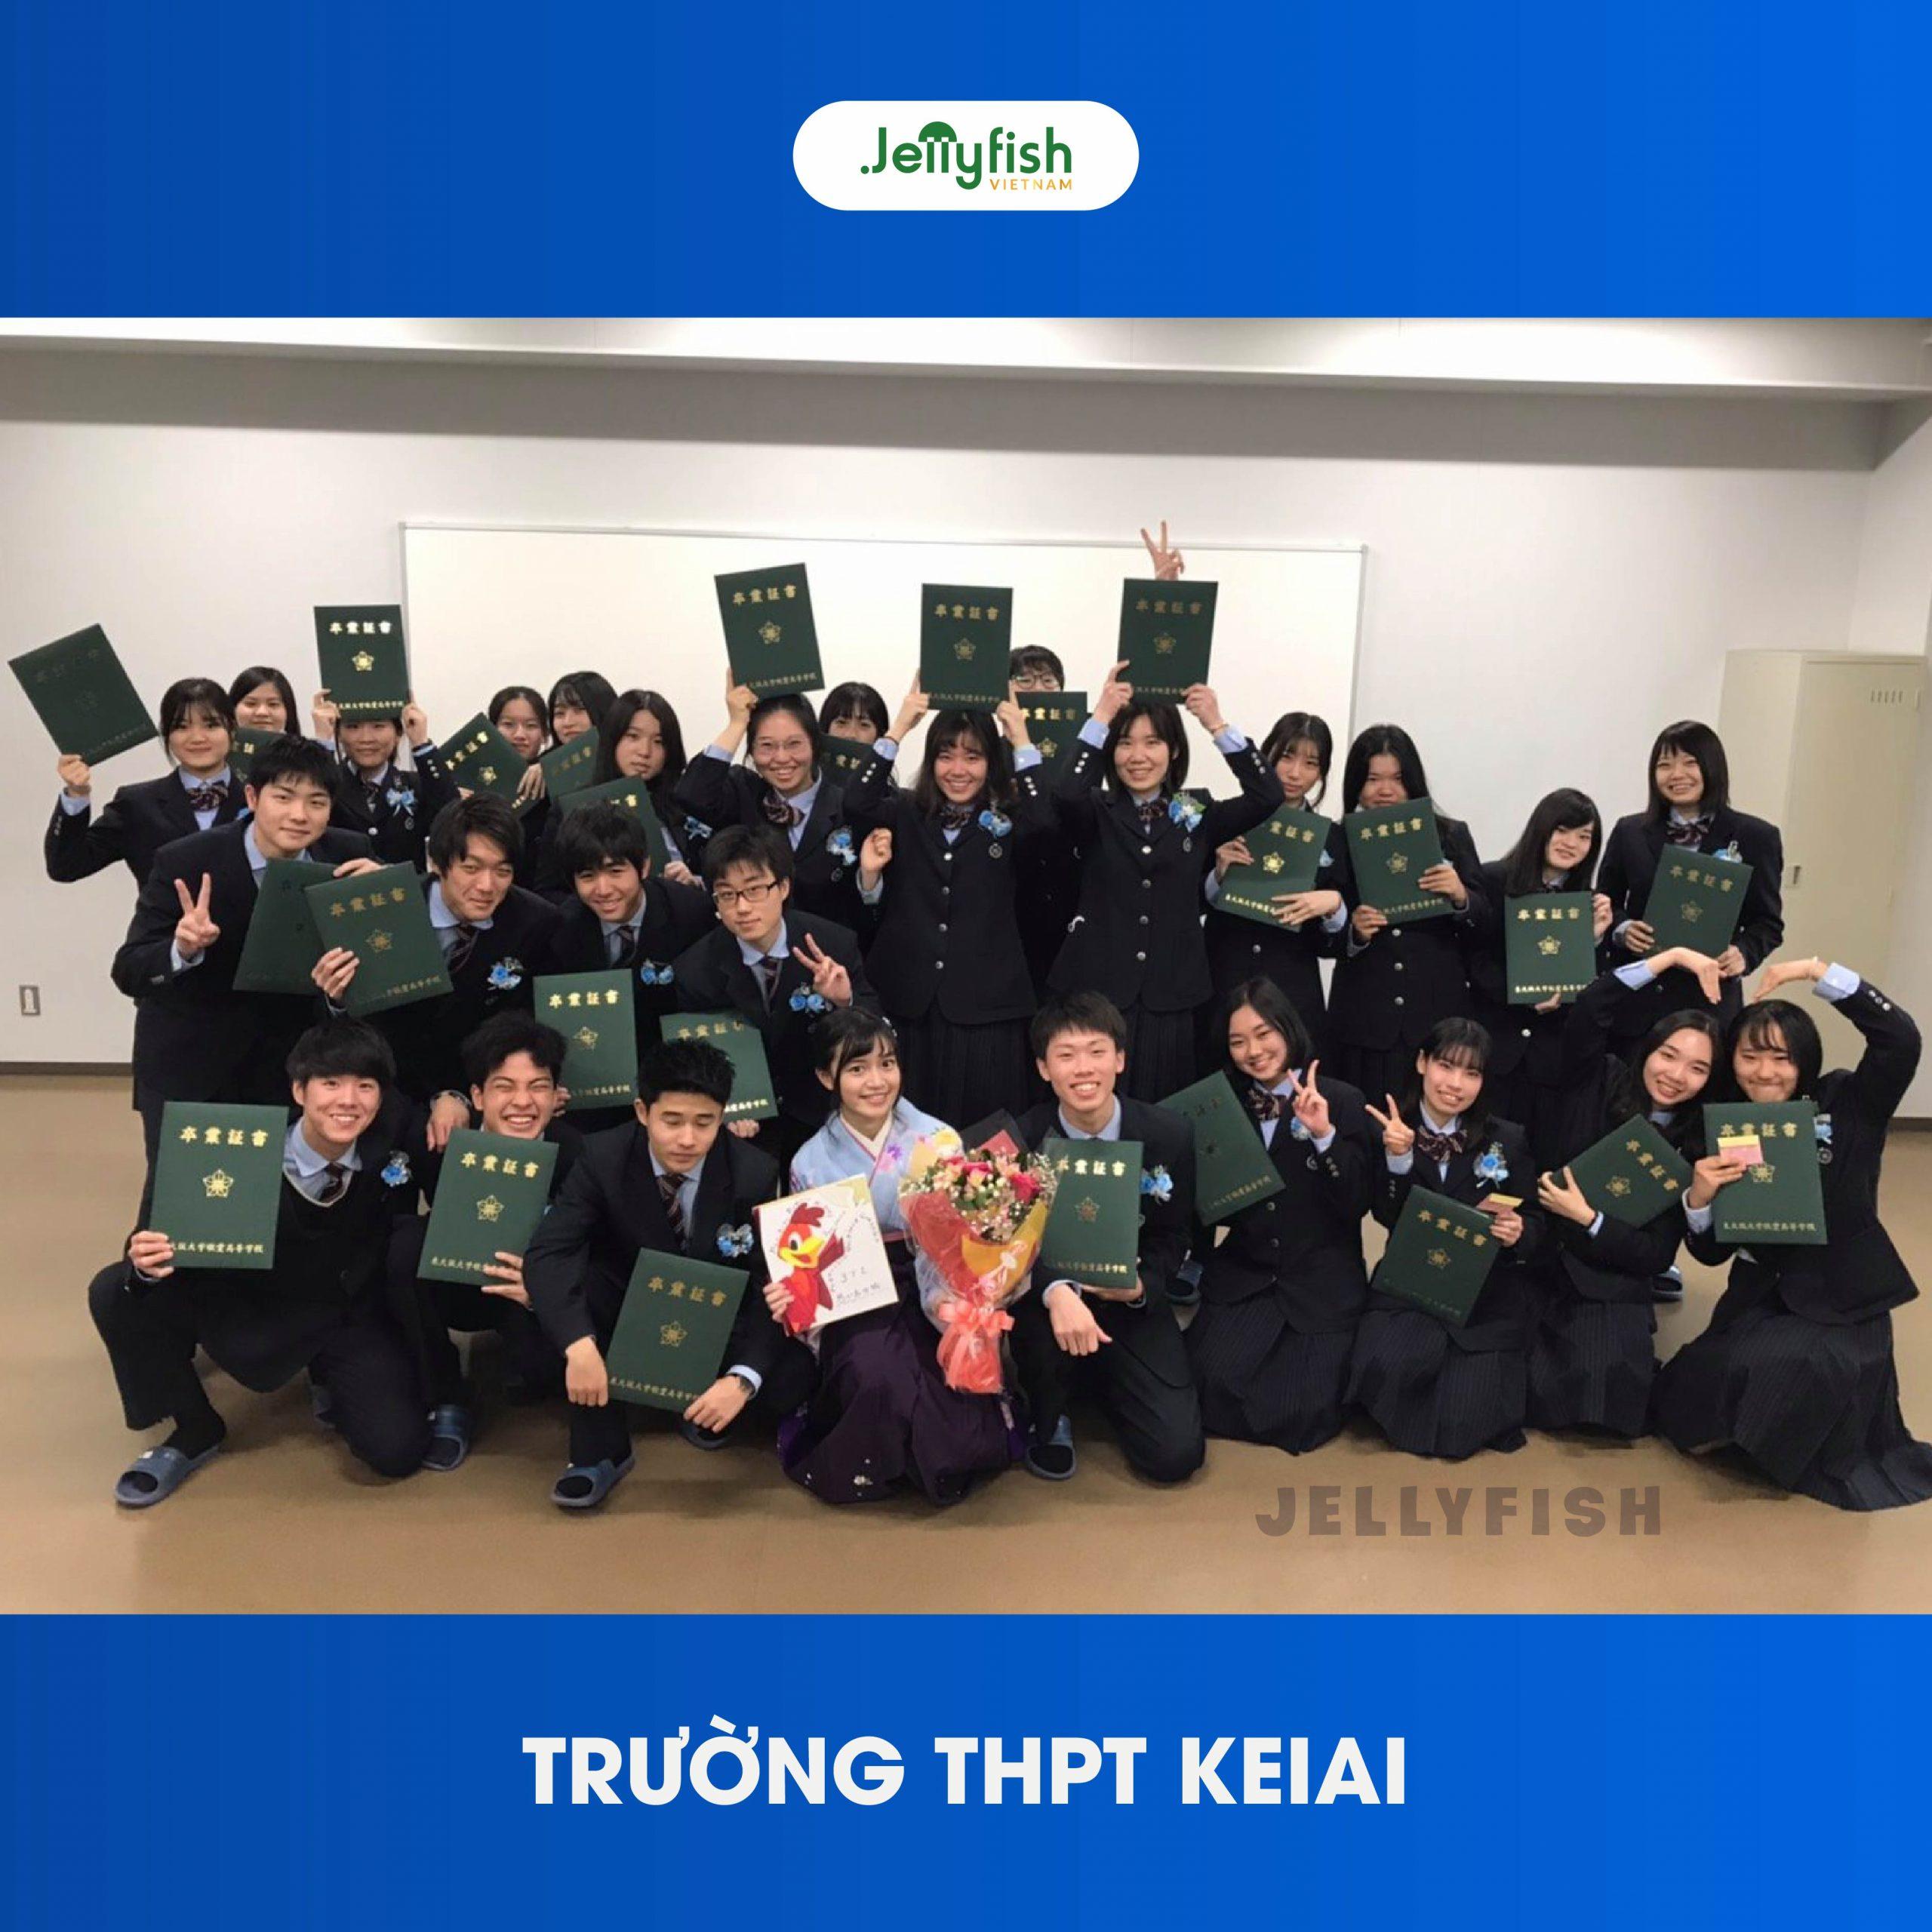 Trường THPT Keiai